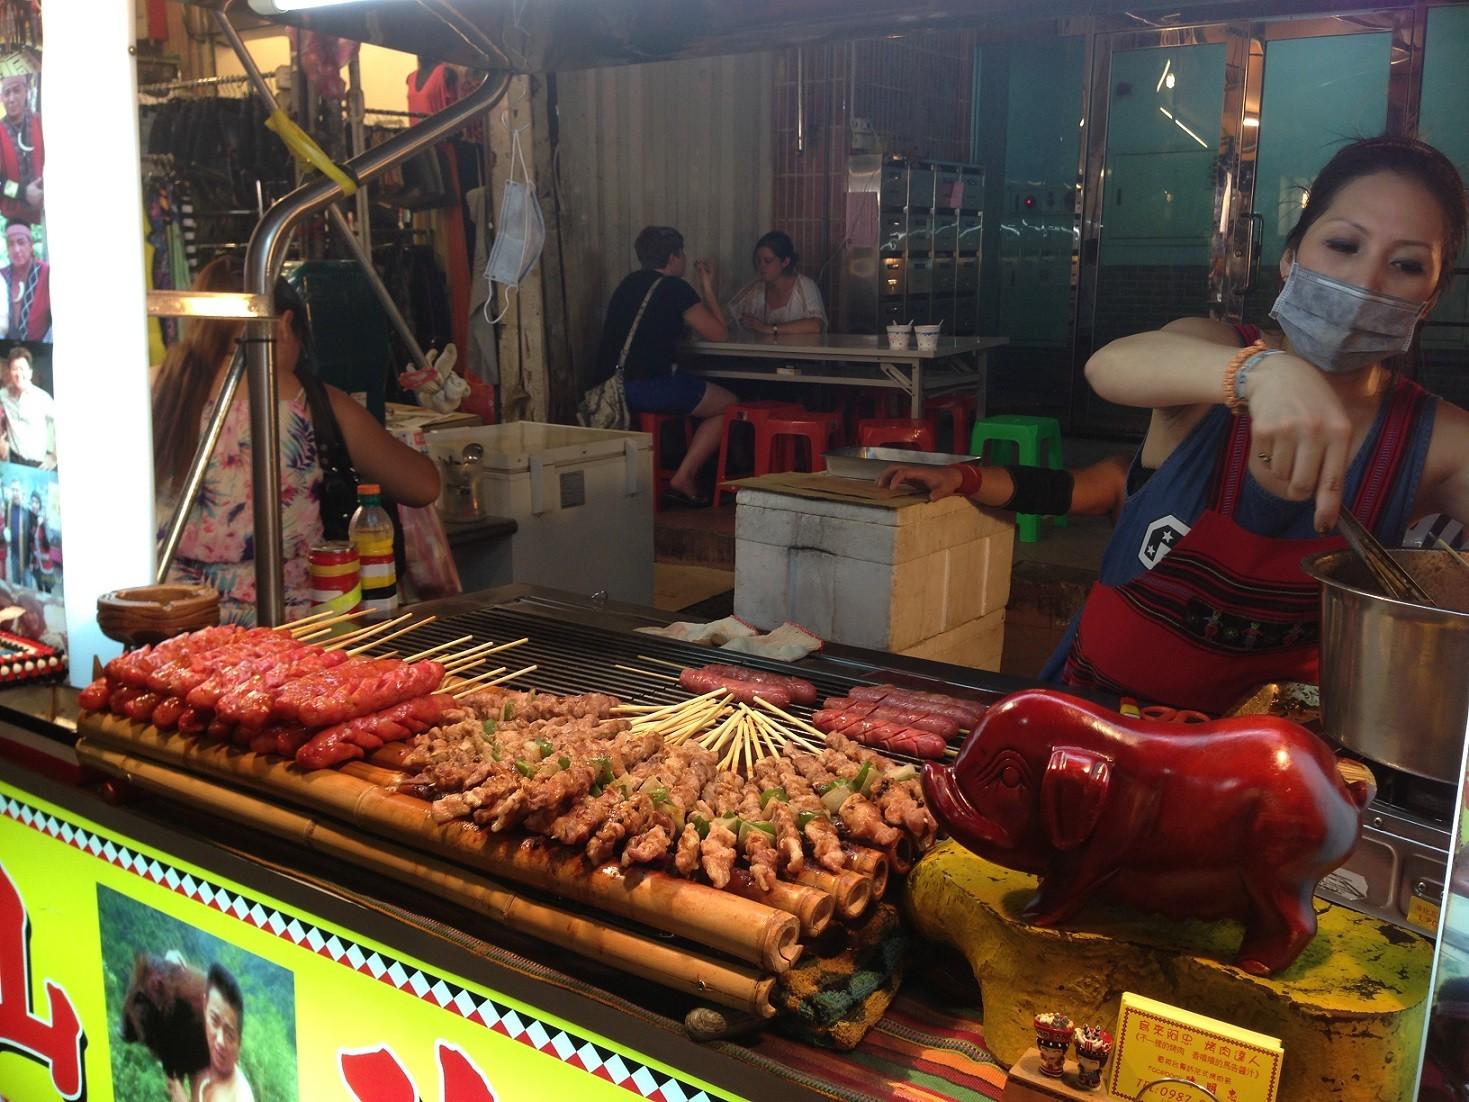 臨江夜市,通化夜市,炭烤串燒,烤香腸,夜市小吃(圖/記者蔡玟君攝)